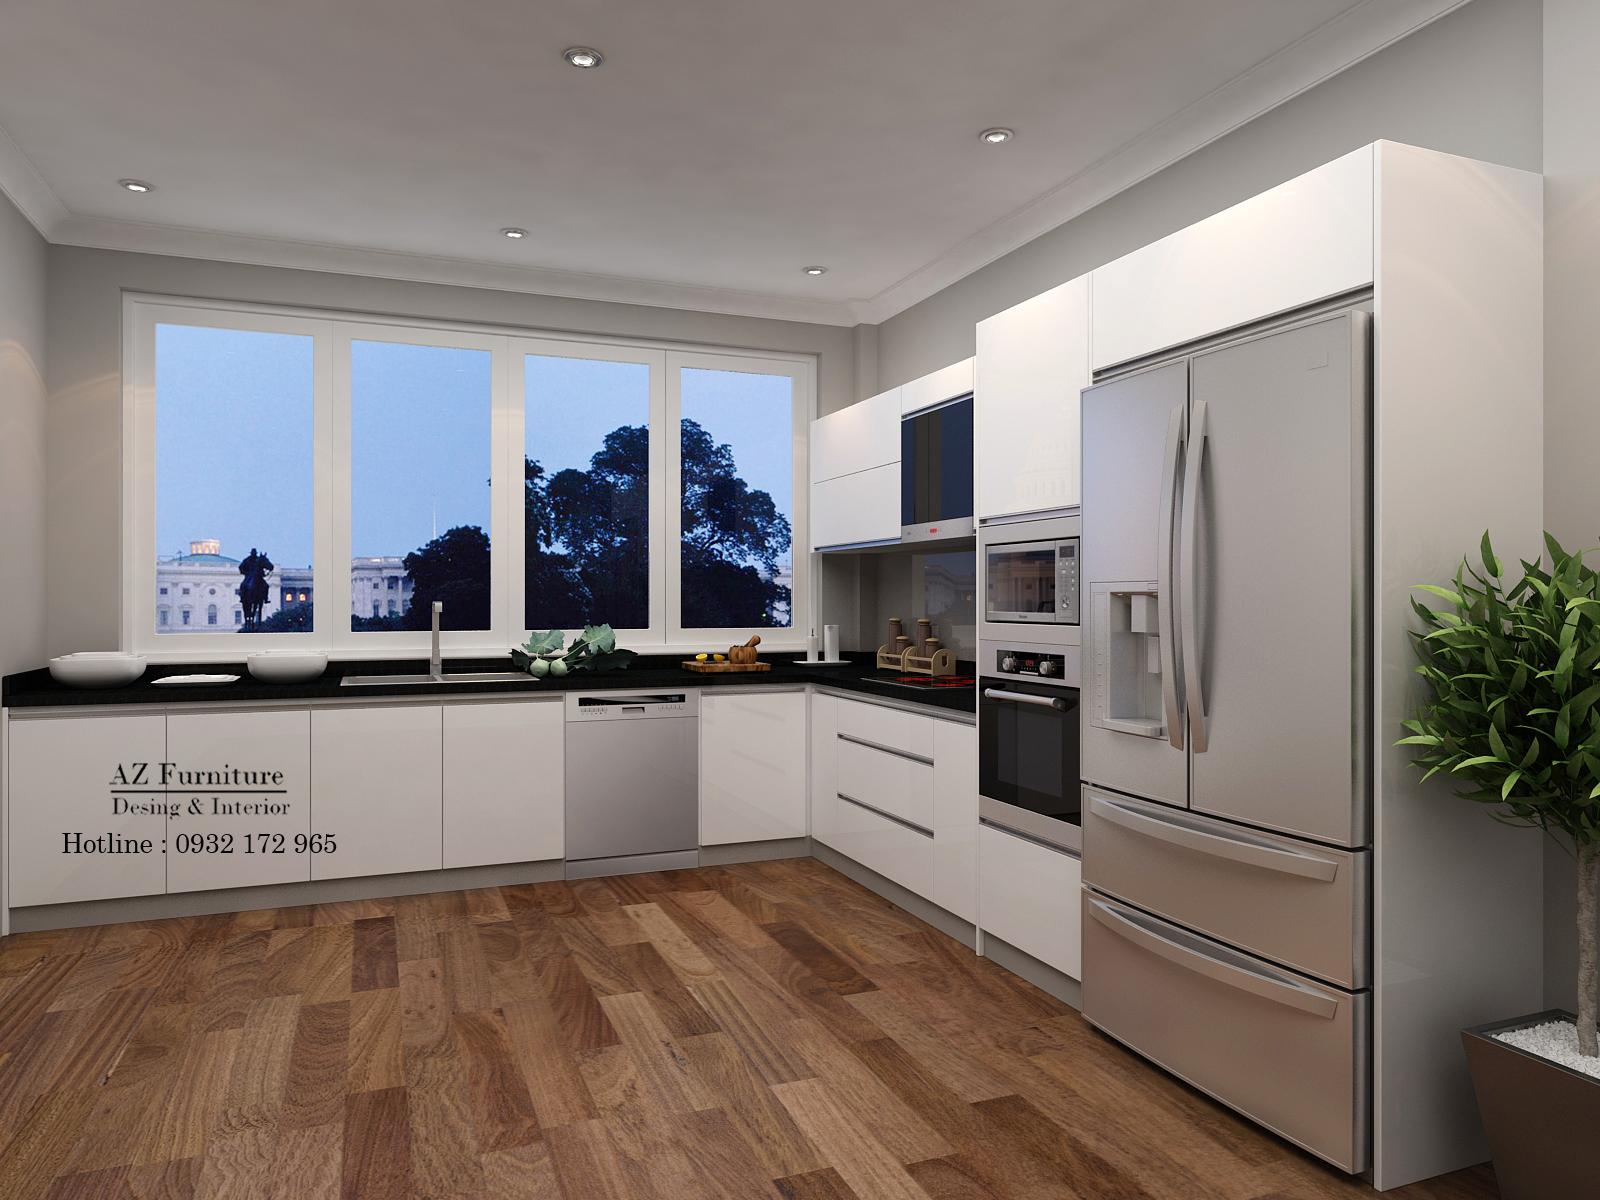 Thiết kế nội thất bếp hiện đại biệt thự